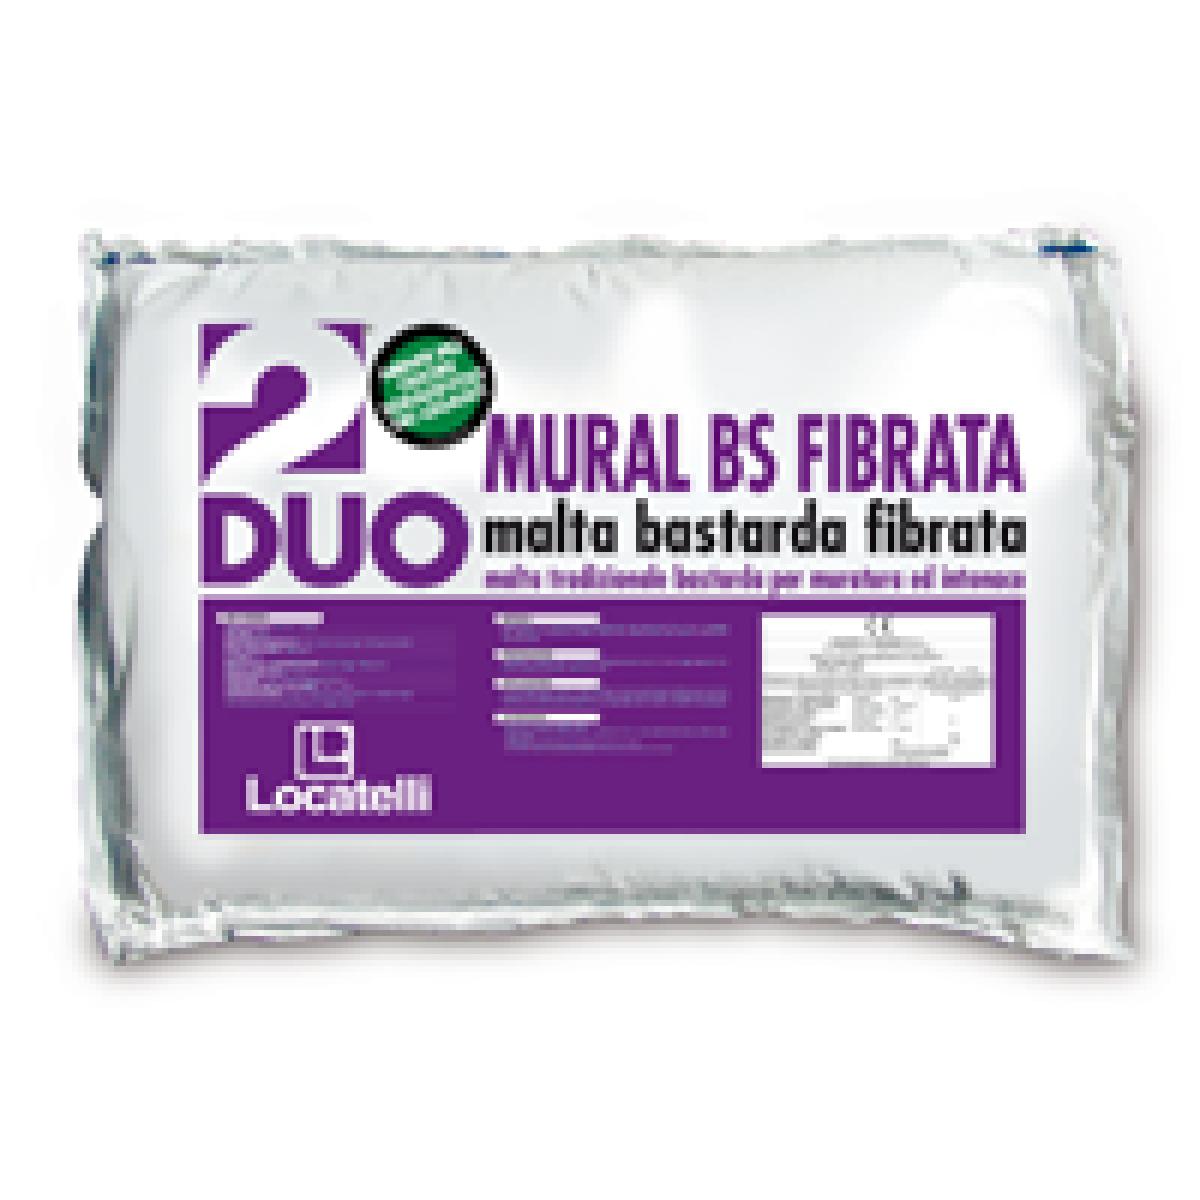 MURAL BS FIBRATA è un predosato con fibre alcalo-resistenti che riduce la fessurazione degli intonaci durante la fase di essiccazione